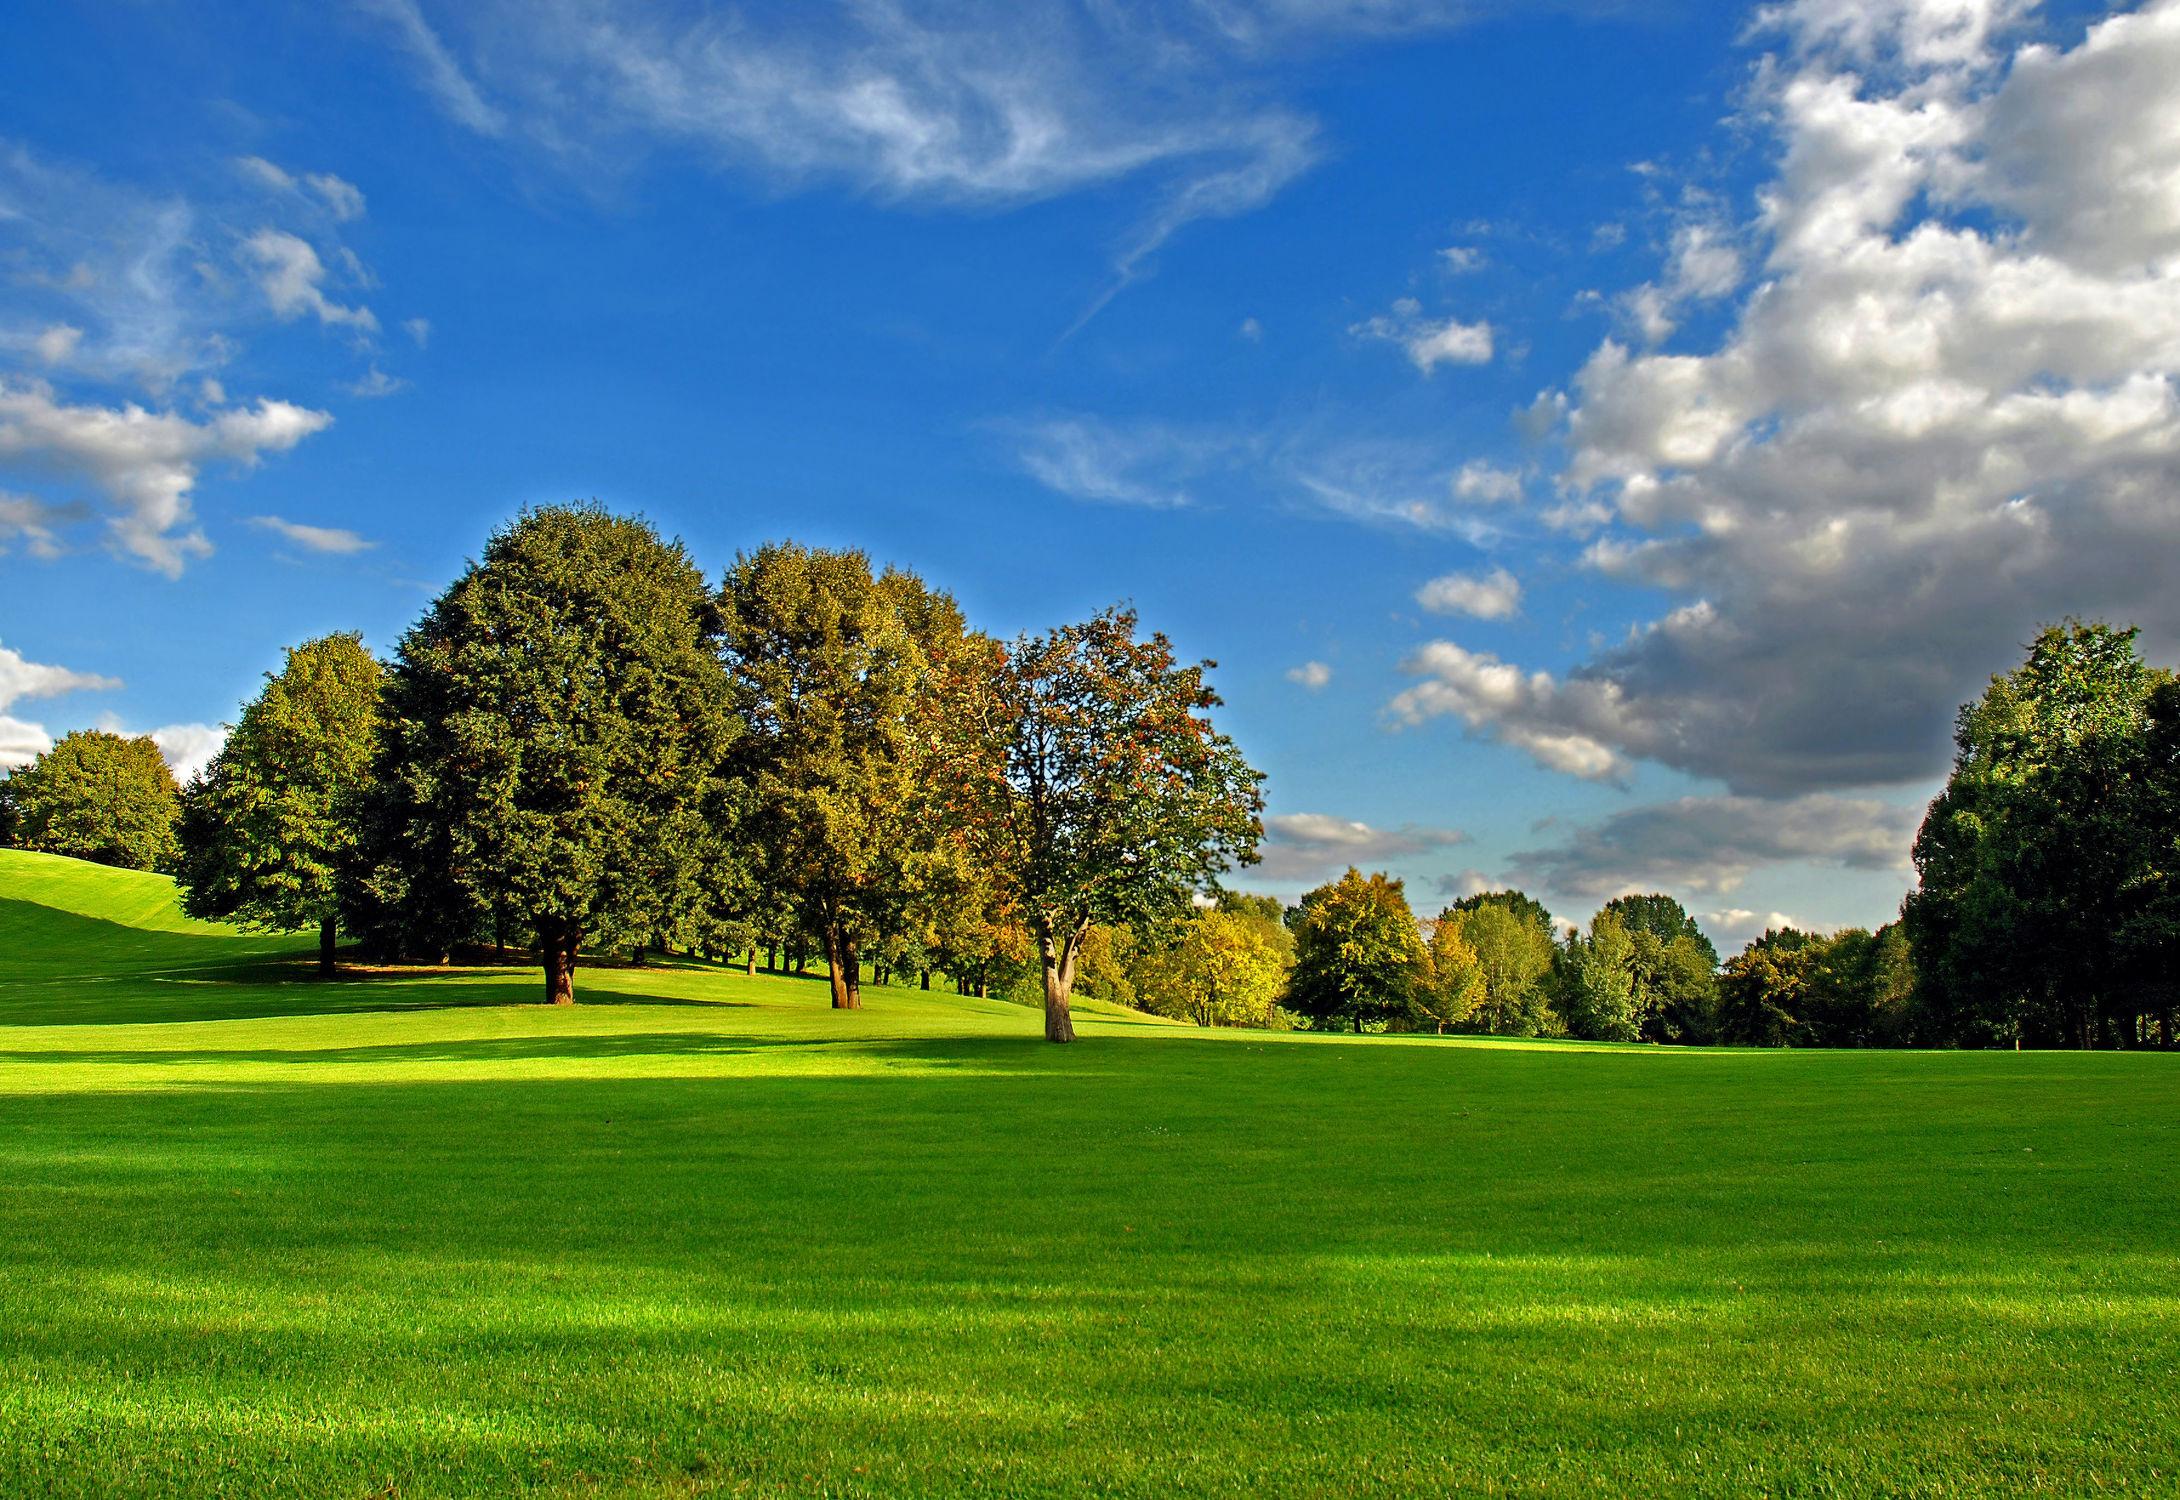 Bild mit Natur, Landschaften, Bäume, Jahreszeiten, Herbst, Sonne, Baum, Berlin, Blätter, Landschaft, Wiese, Park, Bunt, Idylle